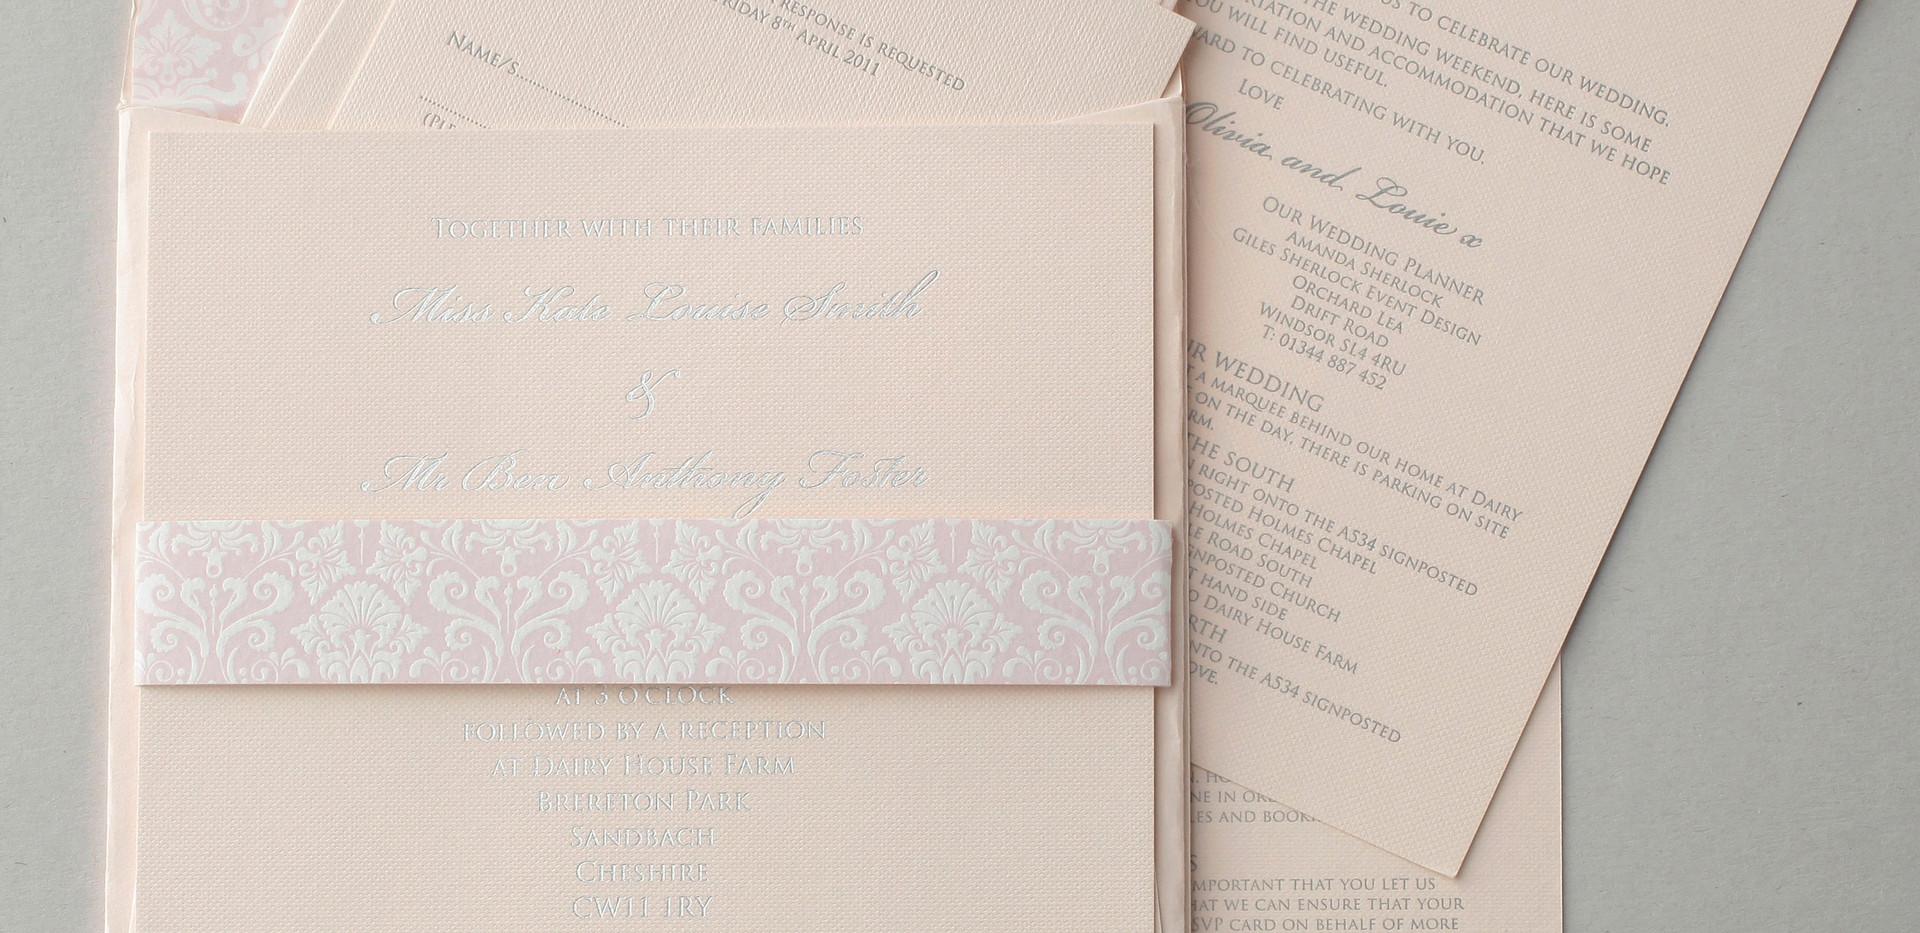 Letterpress and foil